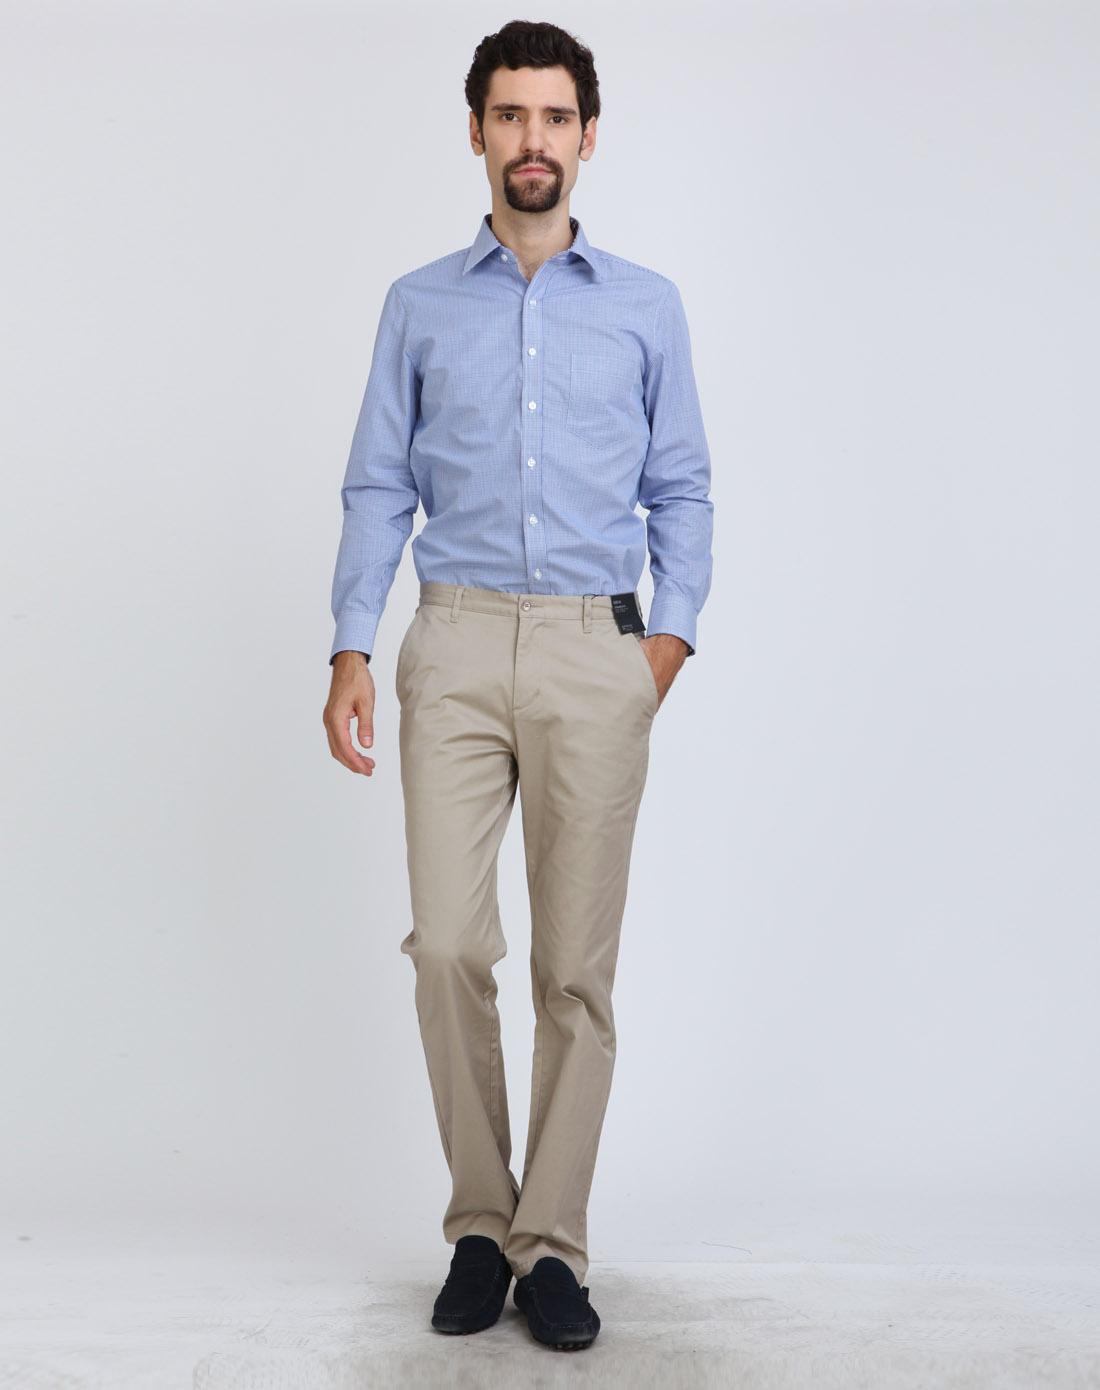 男士蓝色长袖衬衫